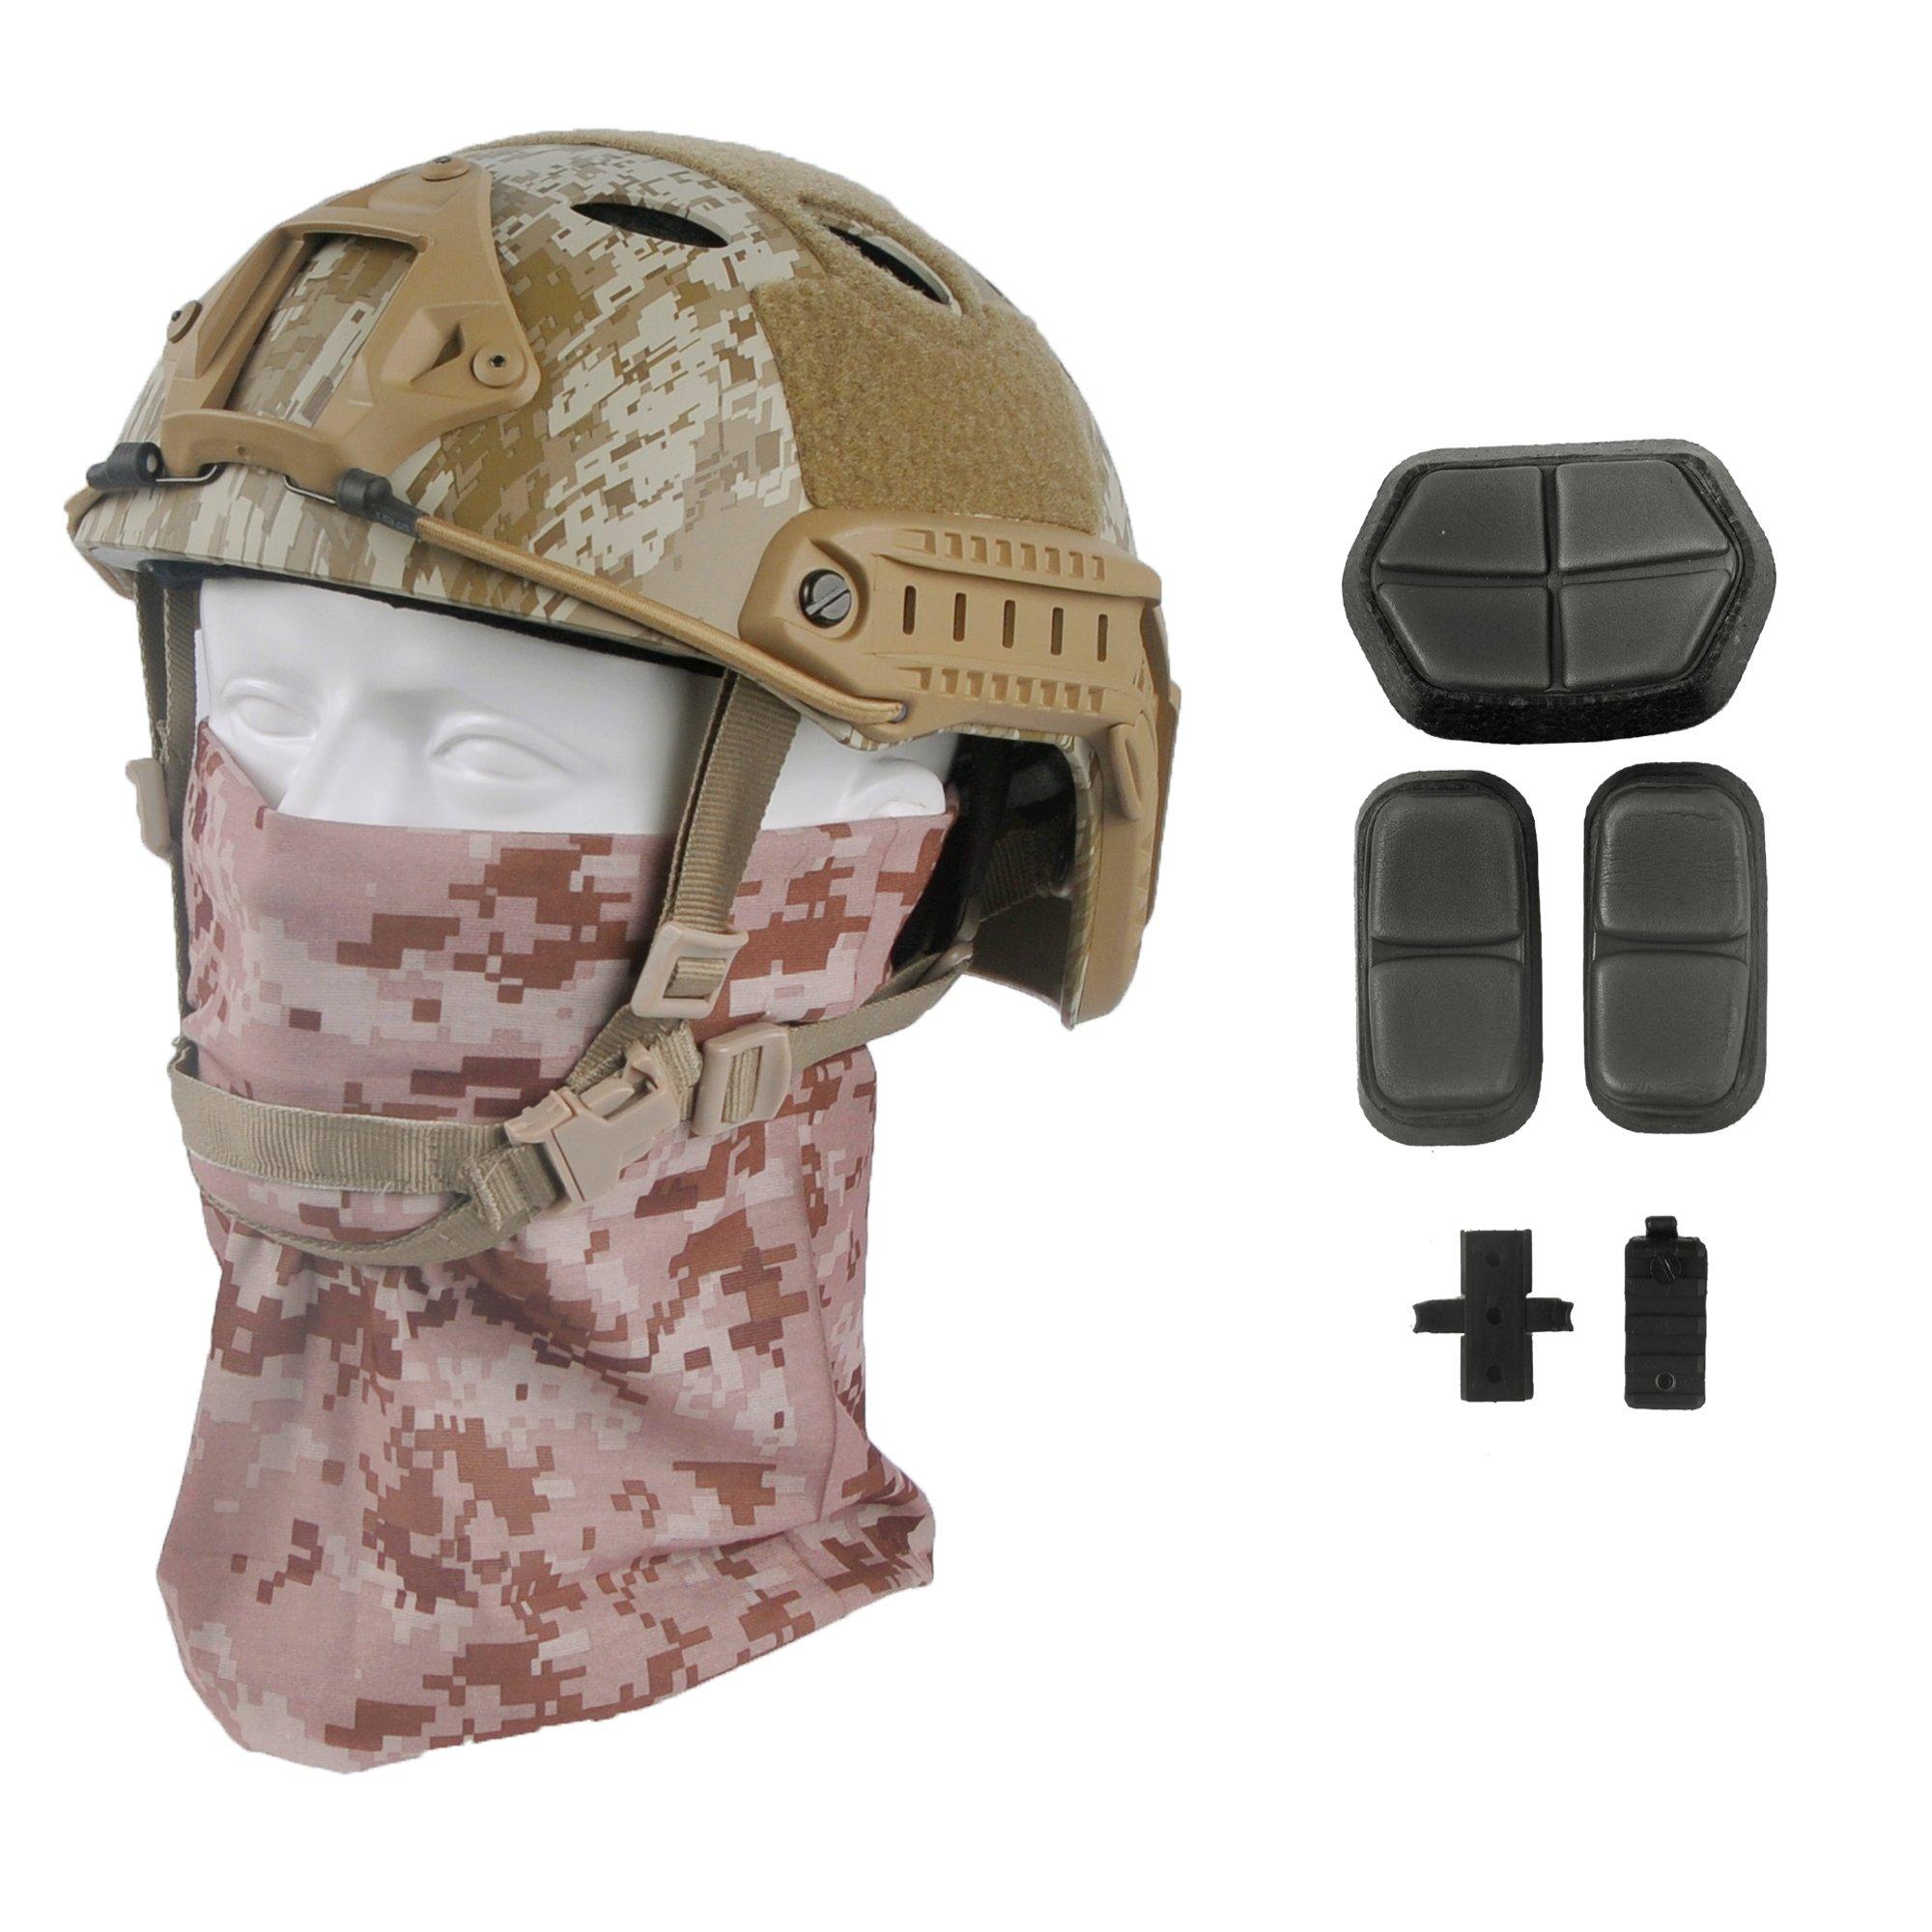 LOOGU Fast PJ Base Jump Military Helmet with 12-in-1 Headwear(AOR1) by LOOGU